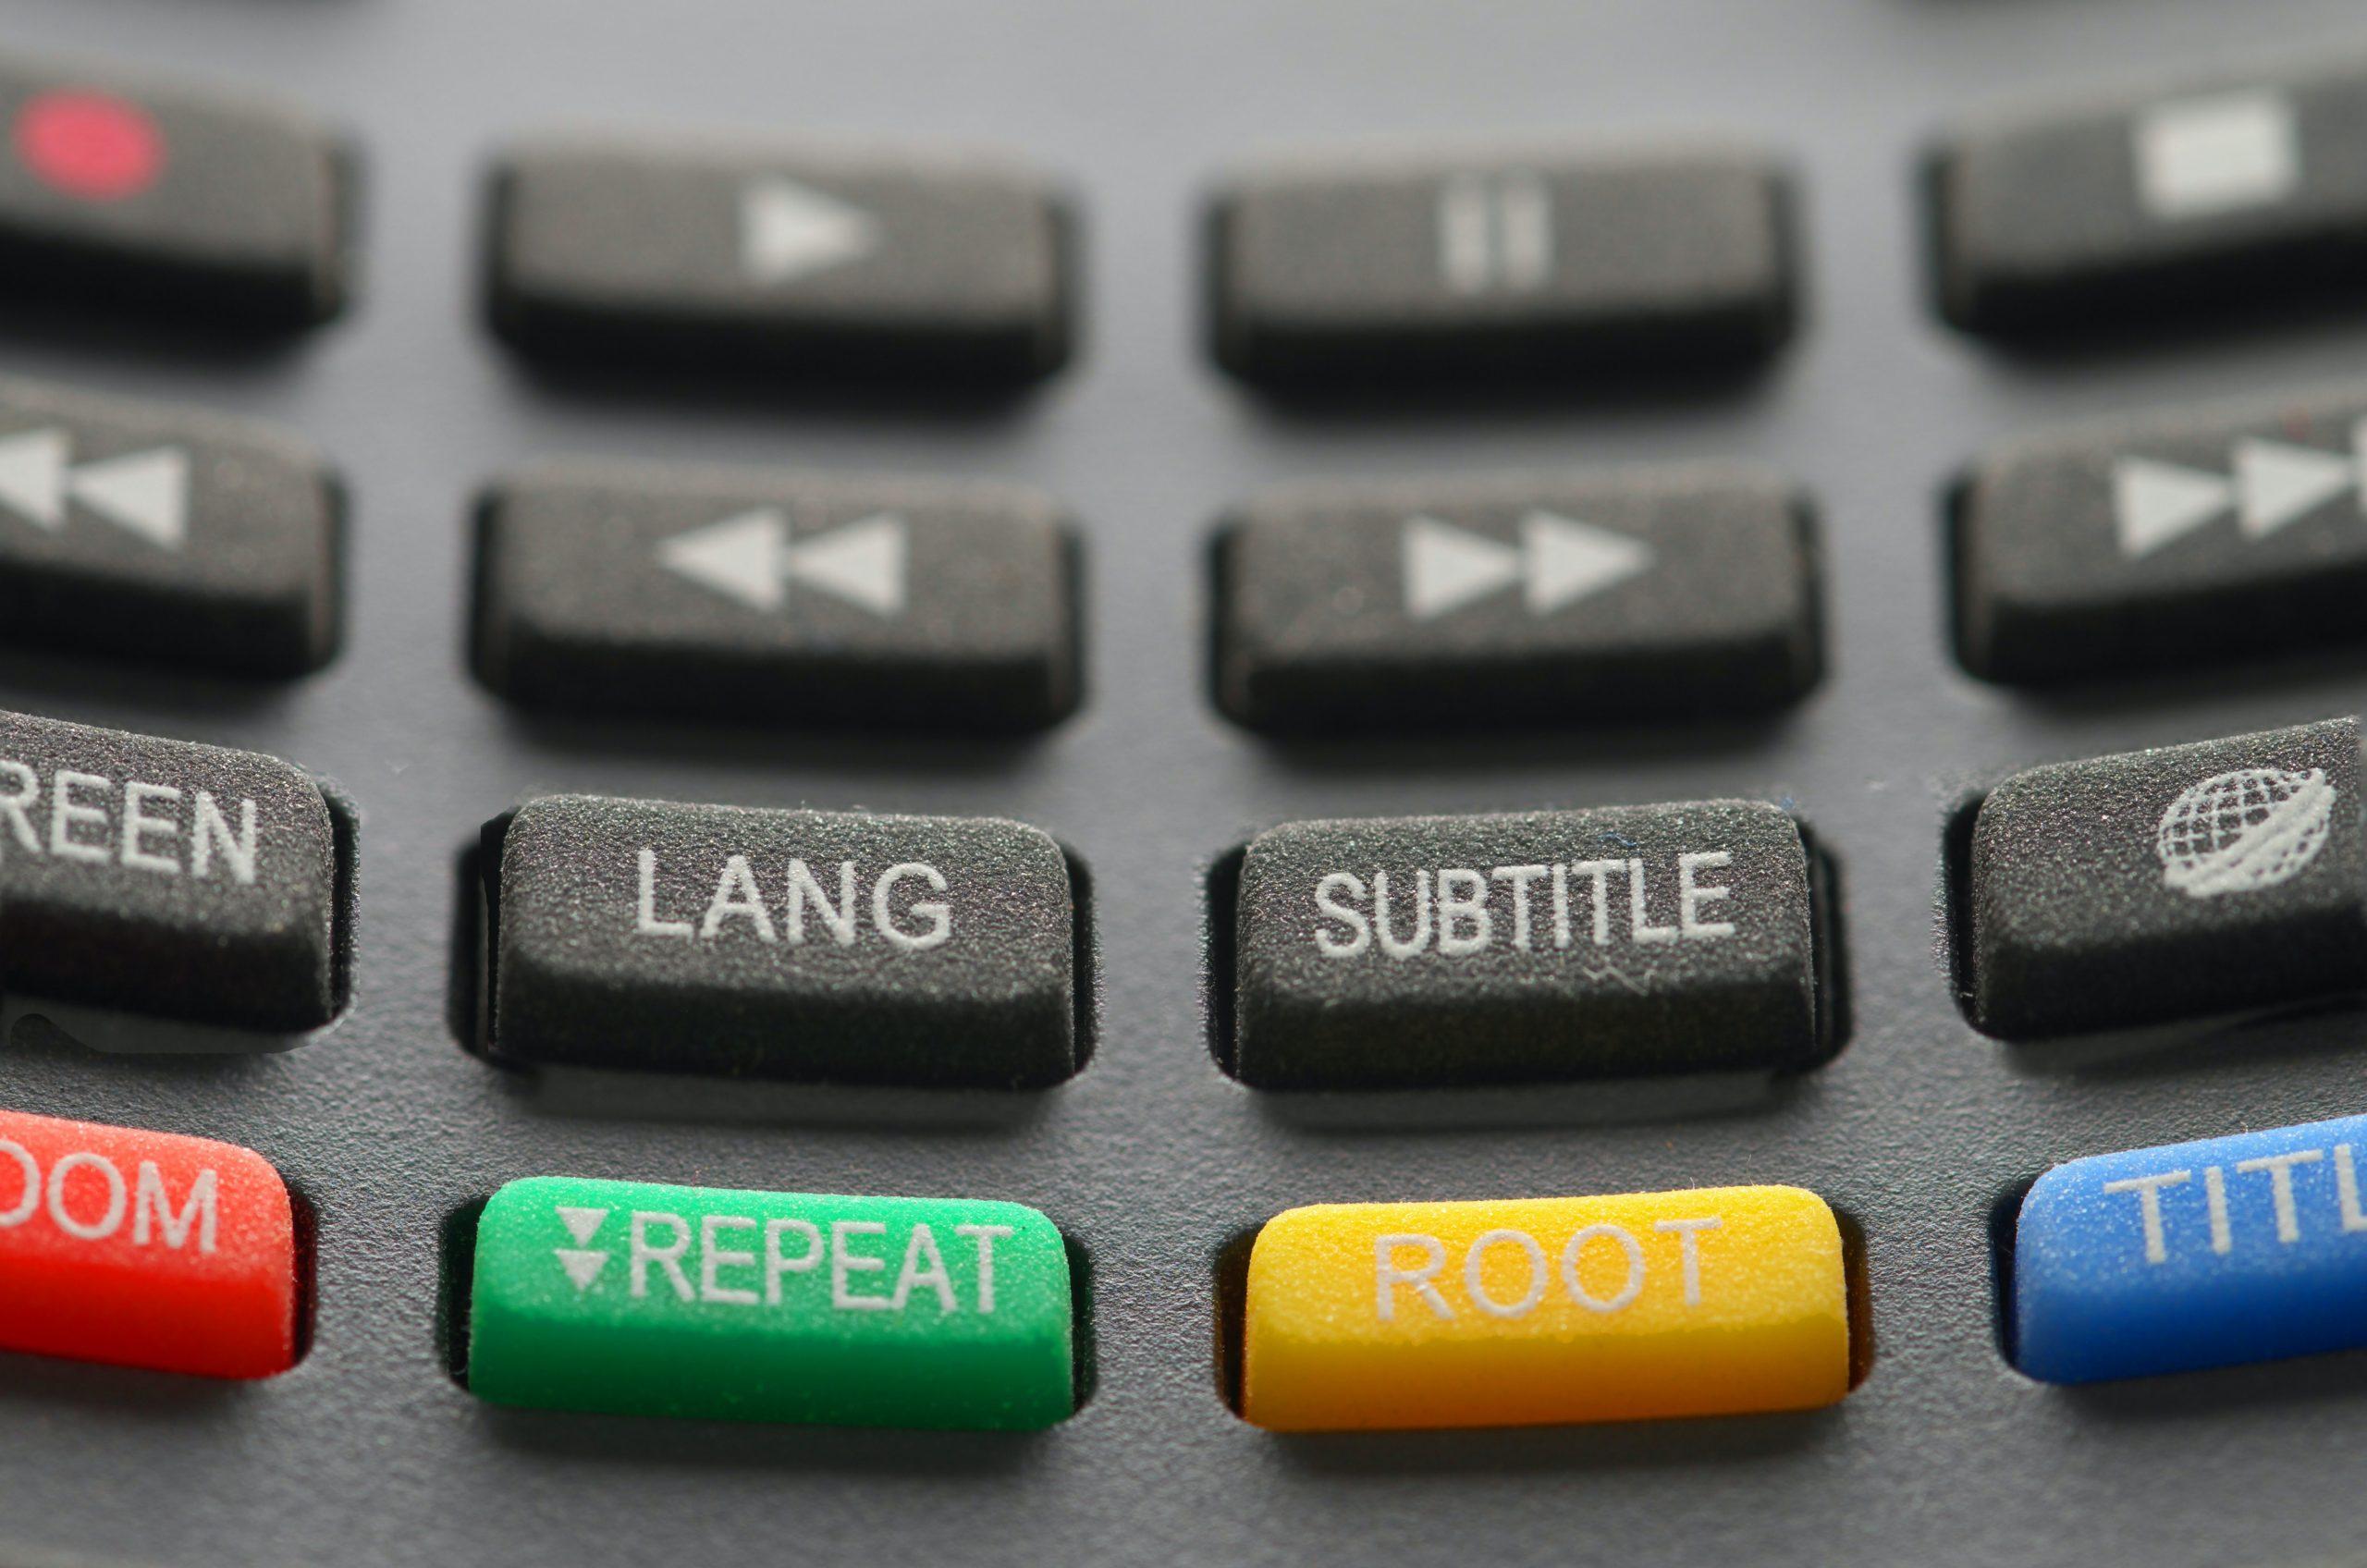 botões de um controle remoto em alto relevo